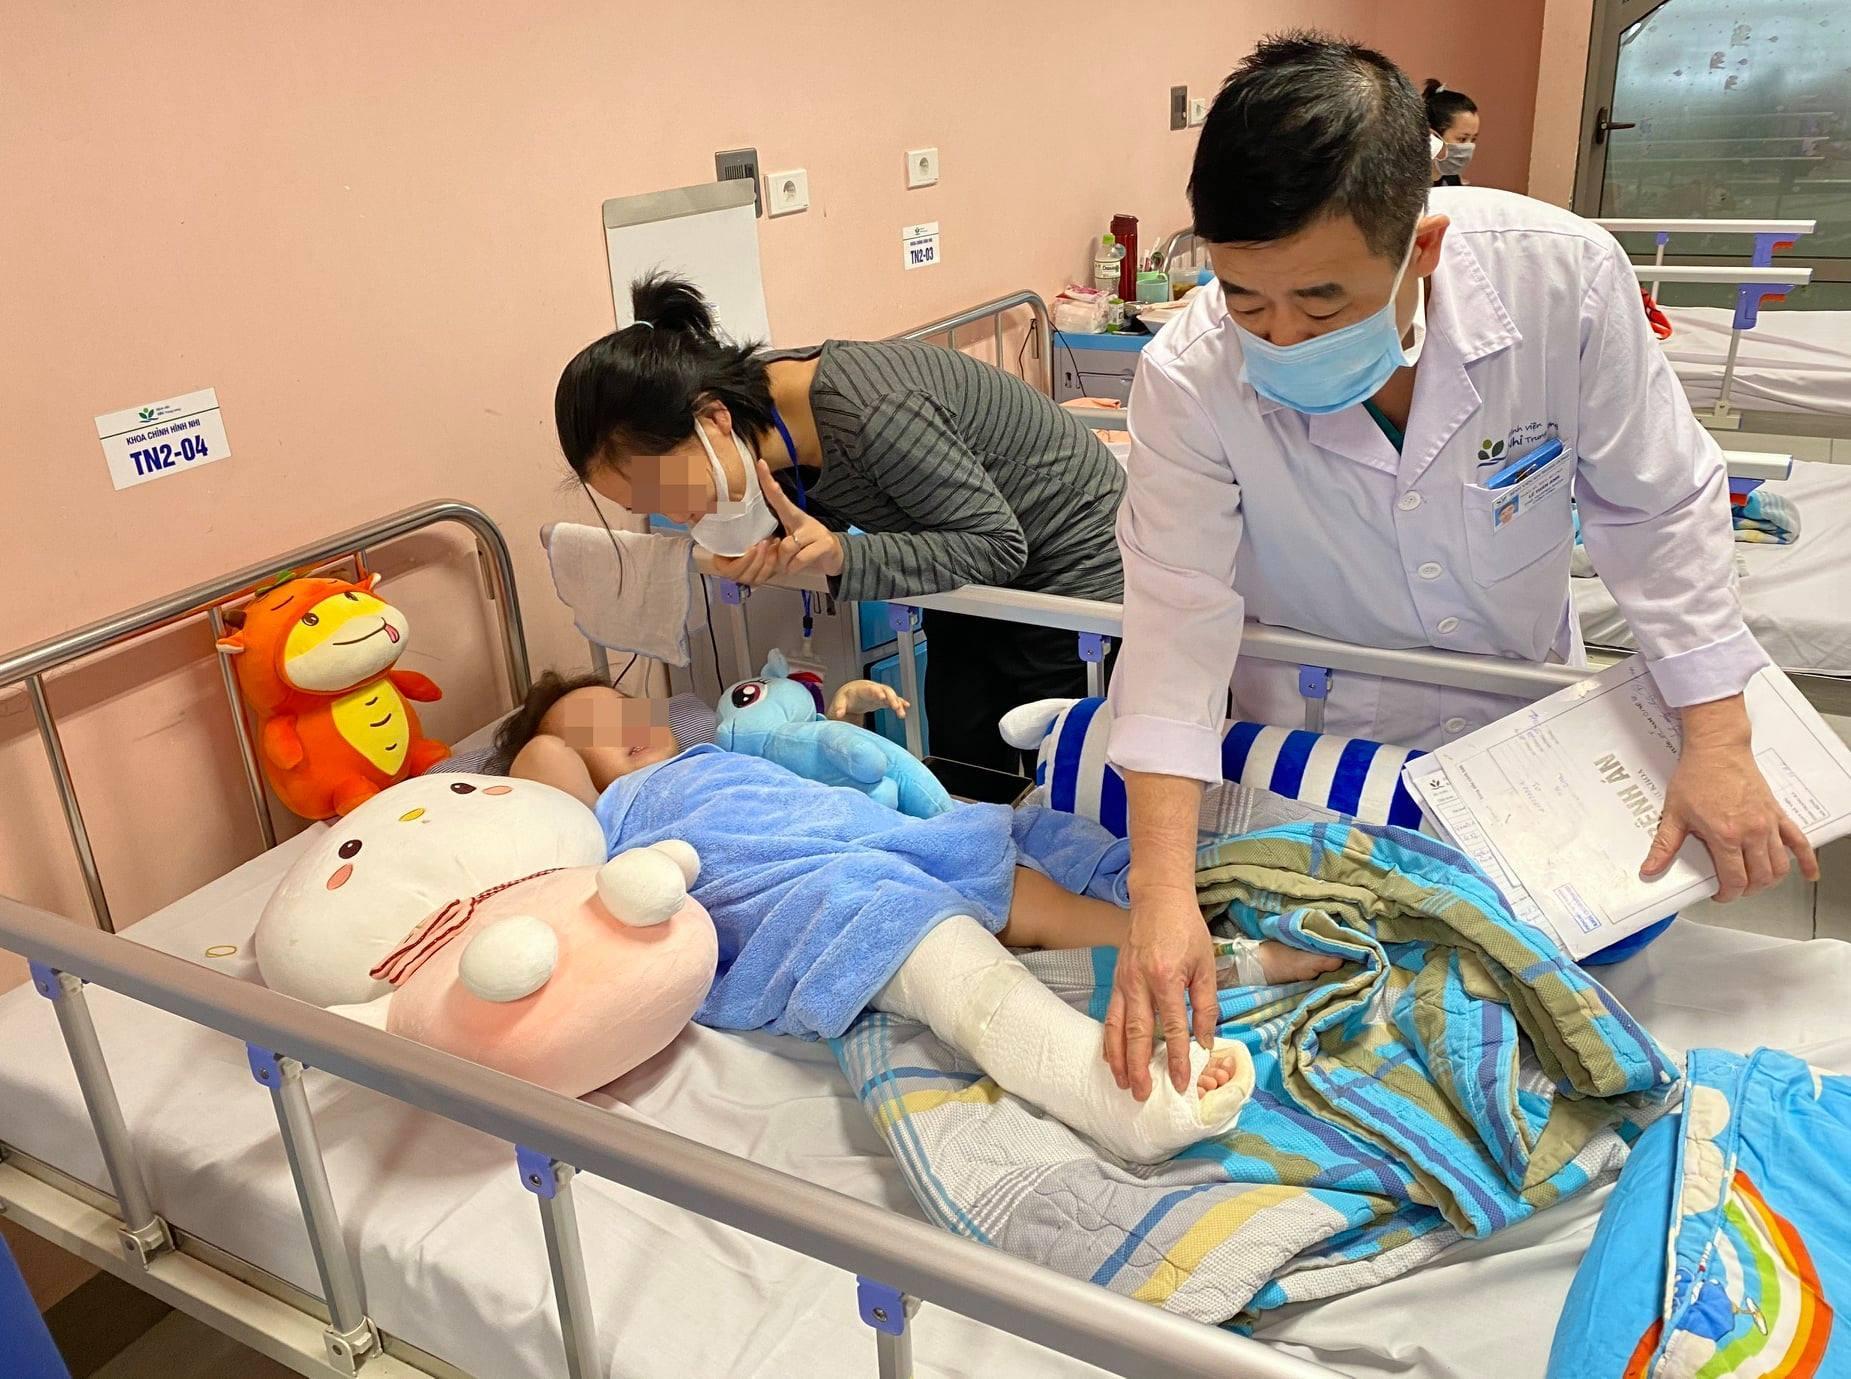 Bé gái 3 tuổi rơi từ tầng 12A chung cư sức khỏe ổn định, sắp được ra viện